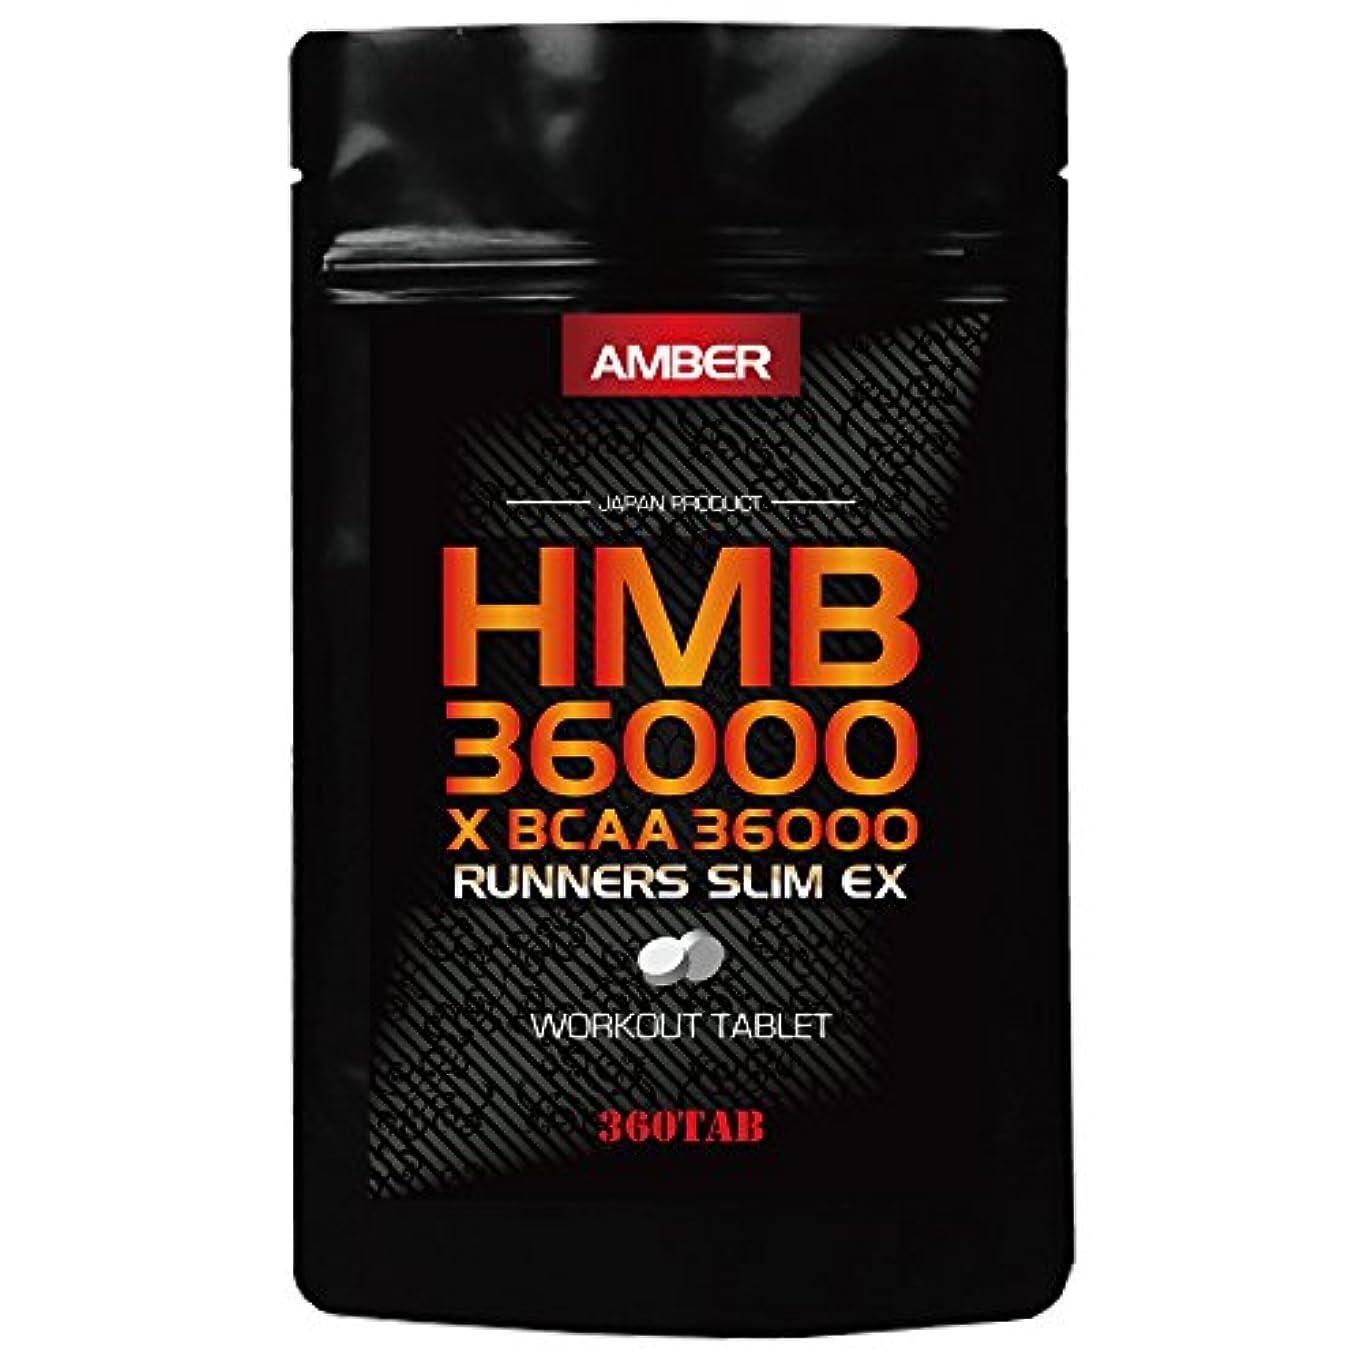 AMBER(アンバー) HMB36000×BCAA36000 ランナーズスリムEX 360タブレット HMBとBCAAを高濃度配合した大容量タブレット 大容量360粒入